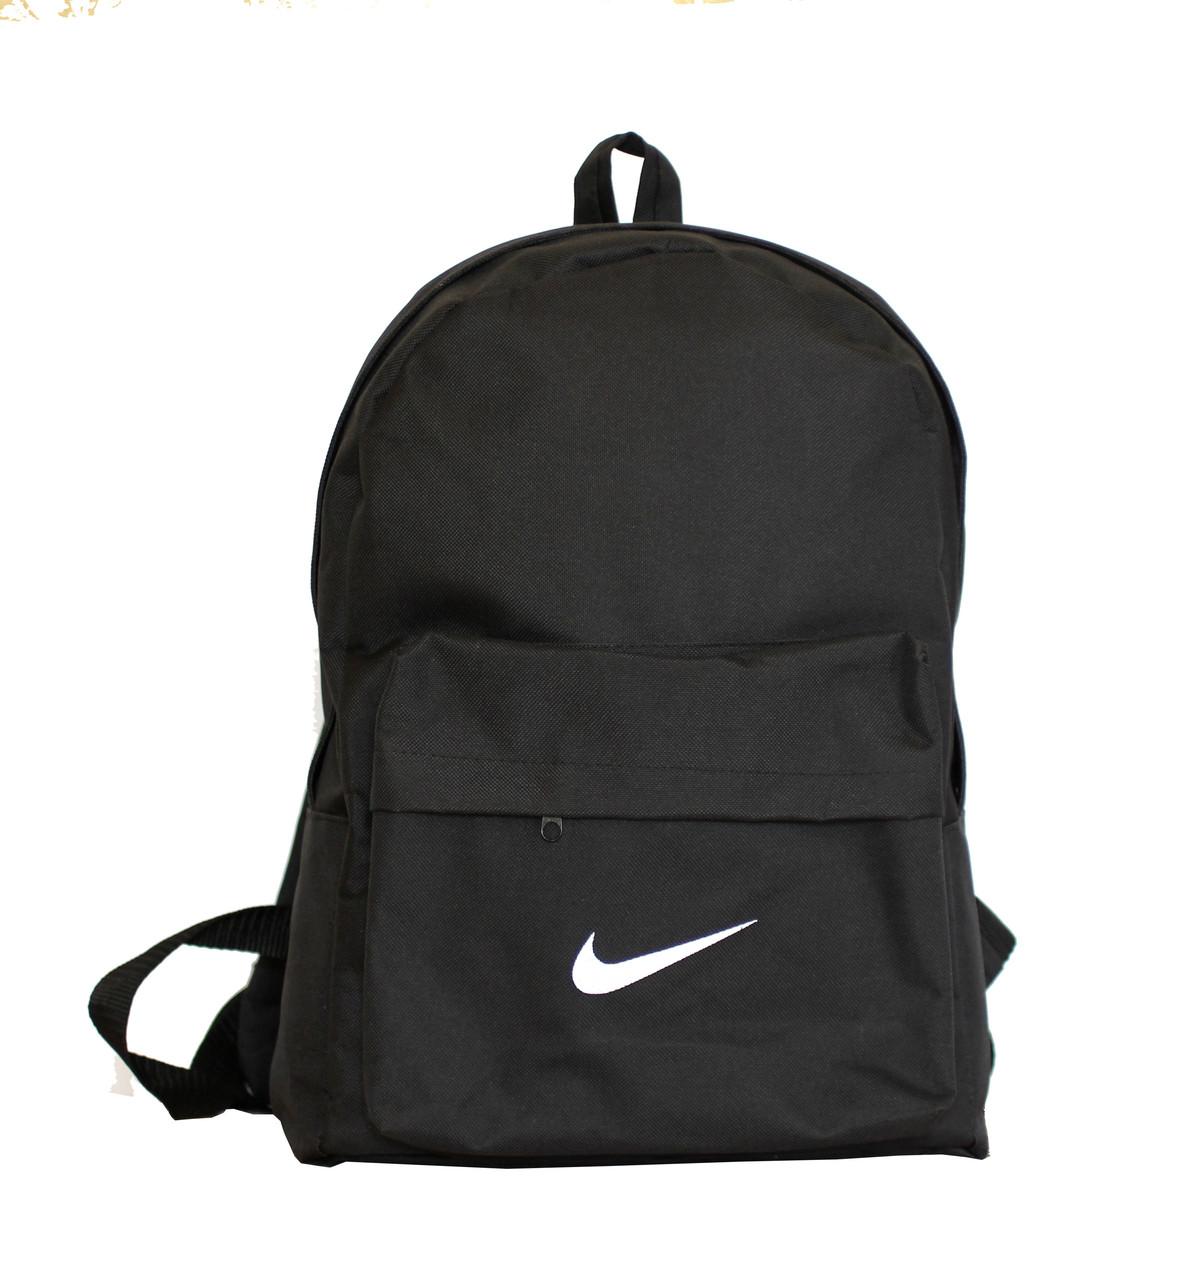 deb121bb1694 Школьный рюкзак для мальчиков средних классов]: [цена] в Ровно ...